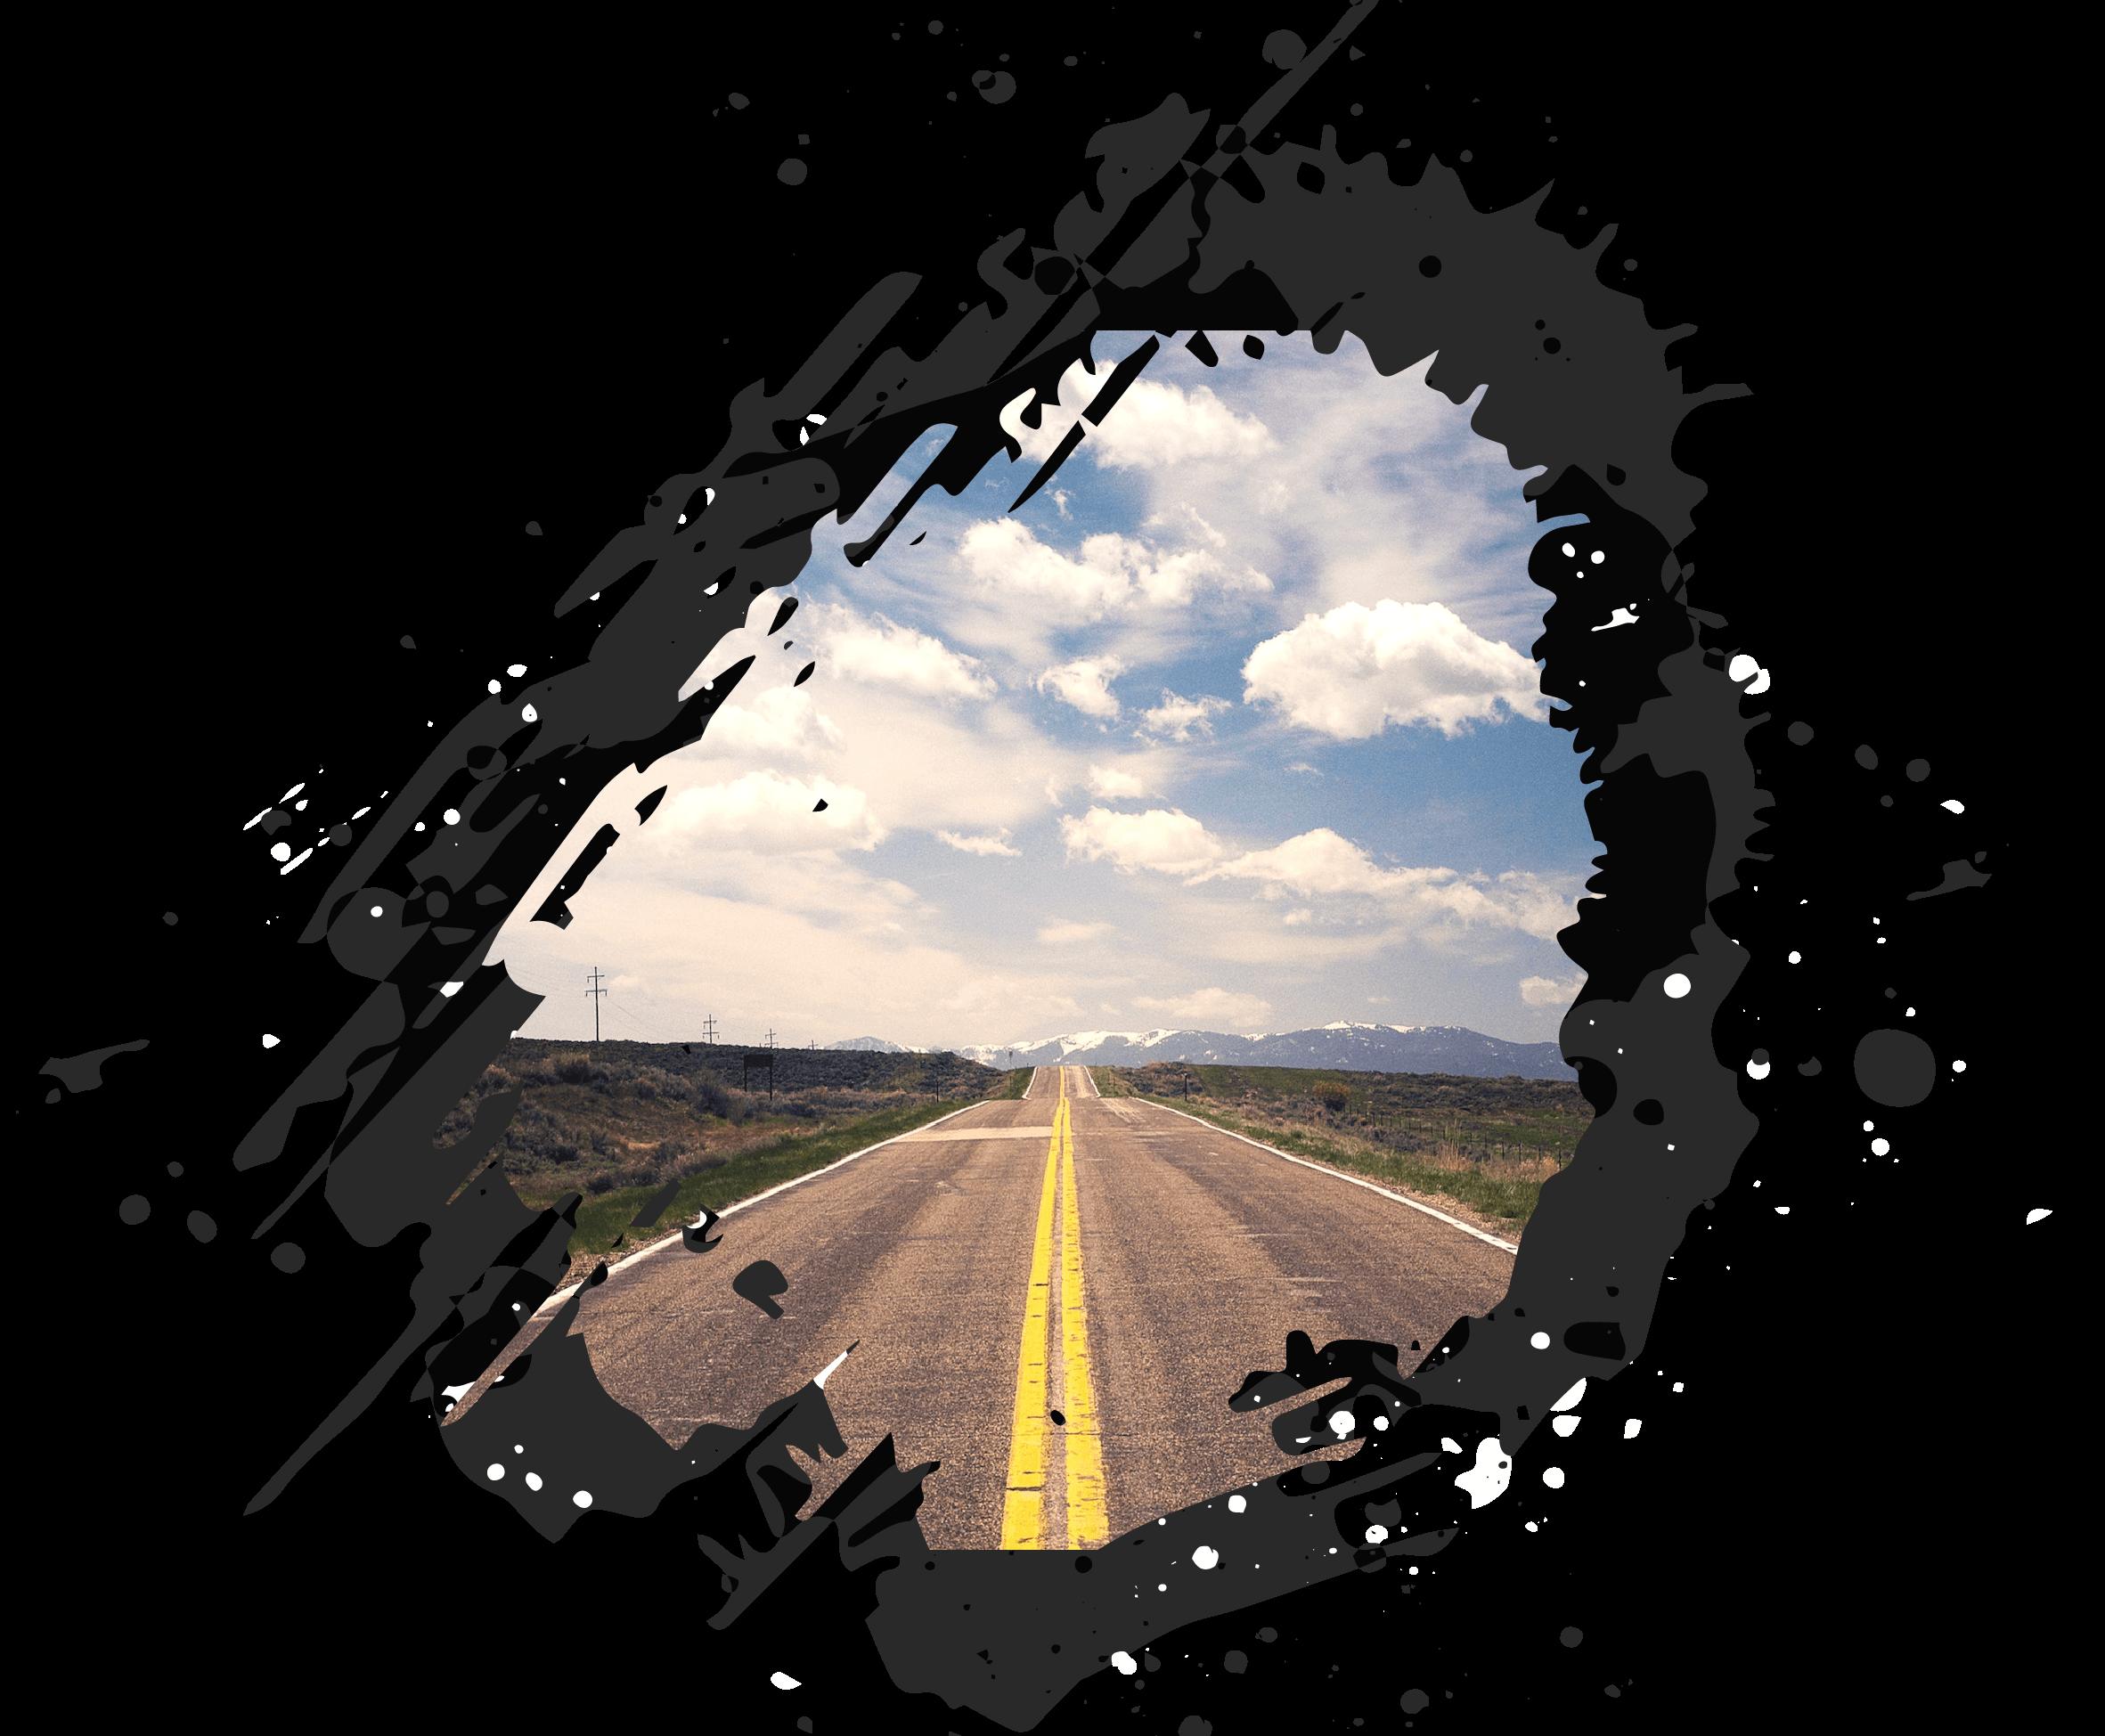 highway straße natur berge